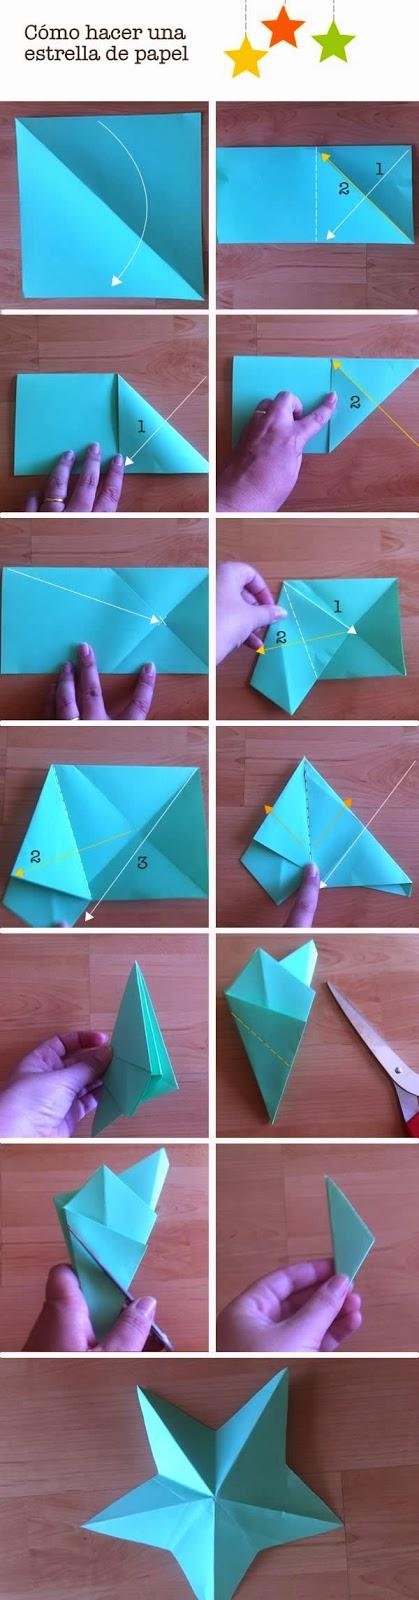 como_hacer_estrella_papel